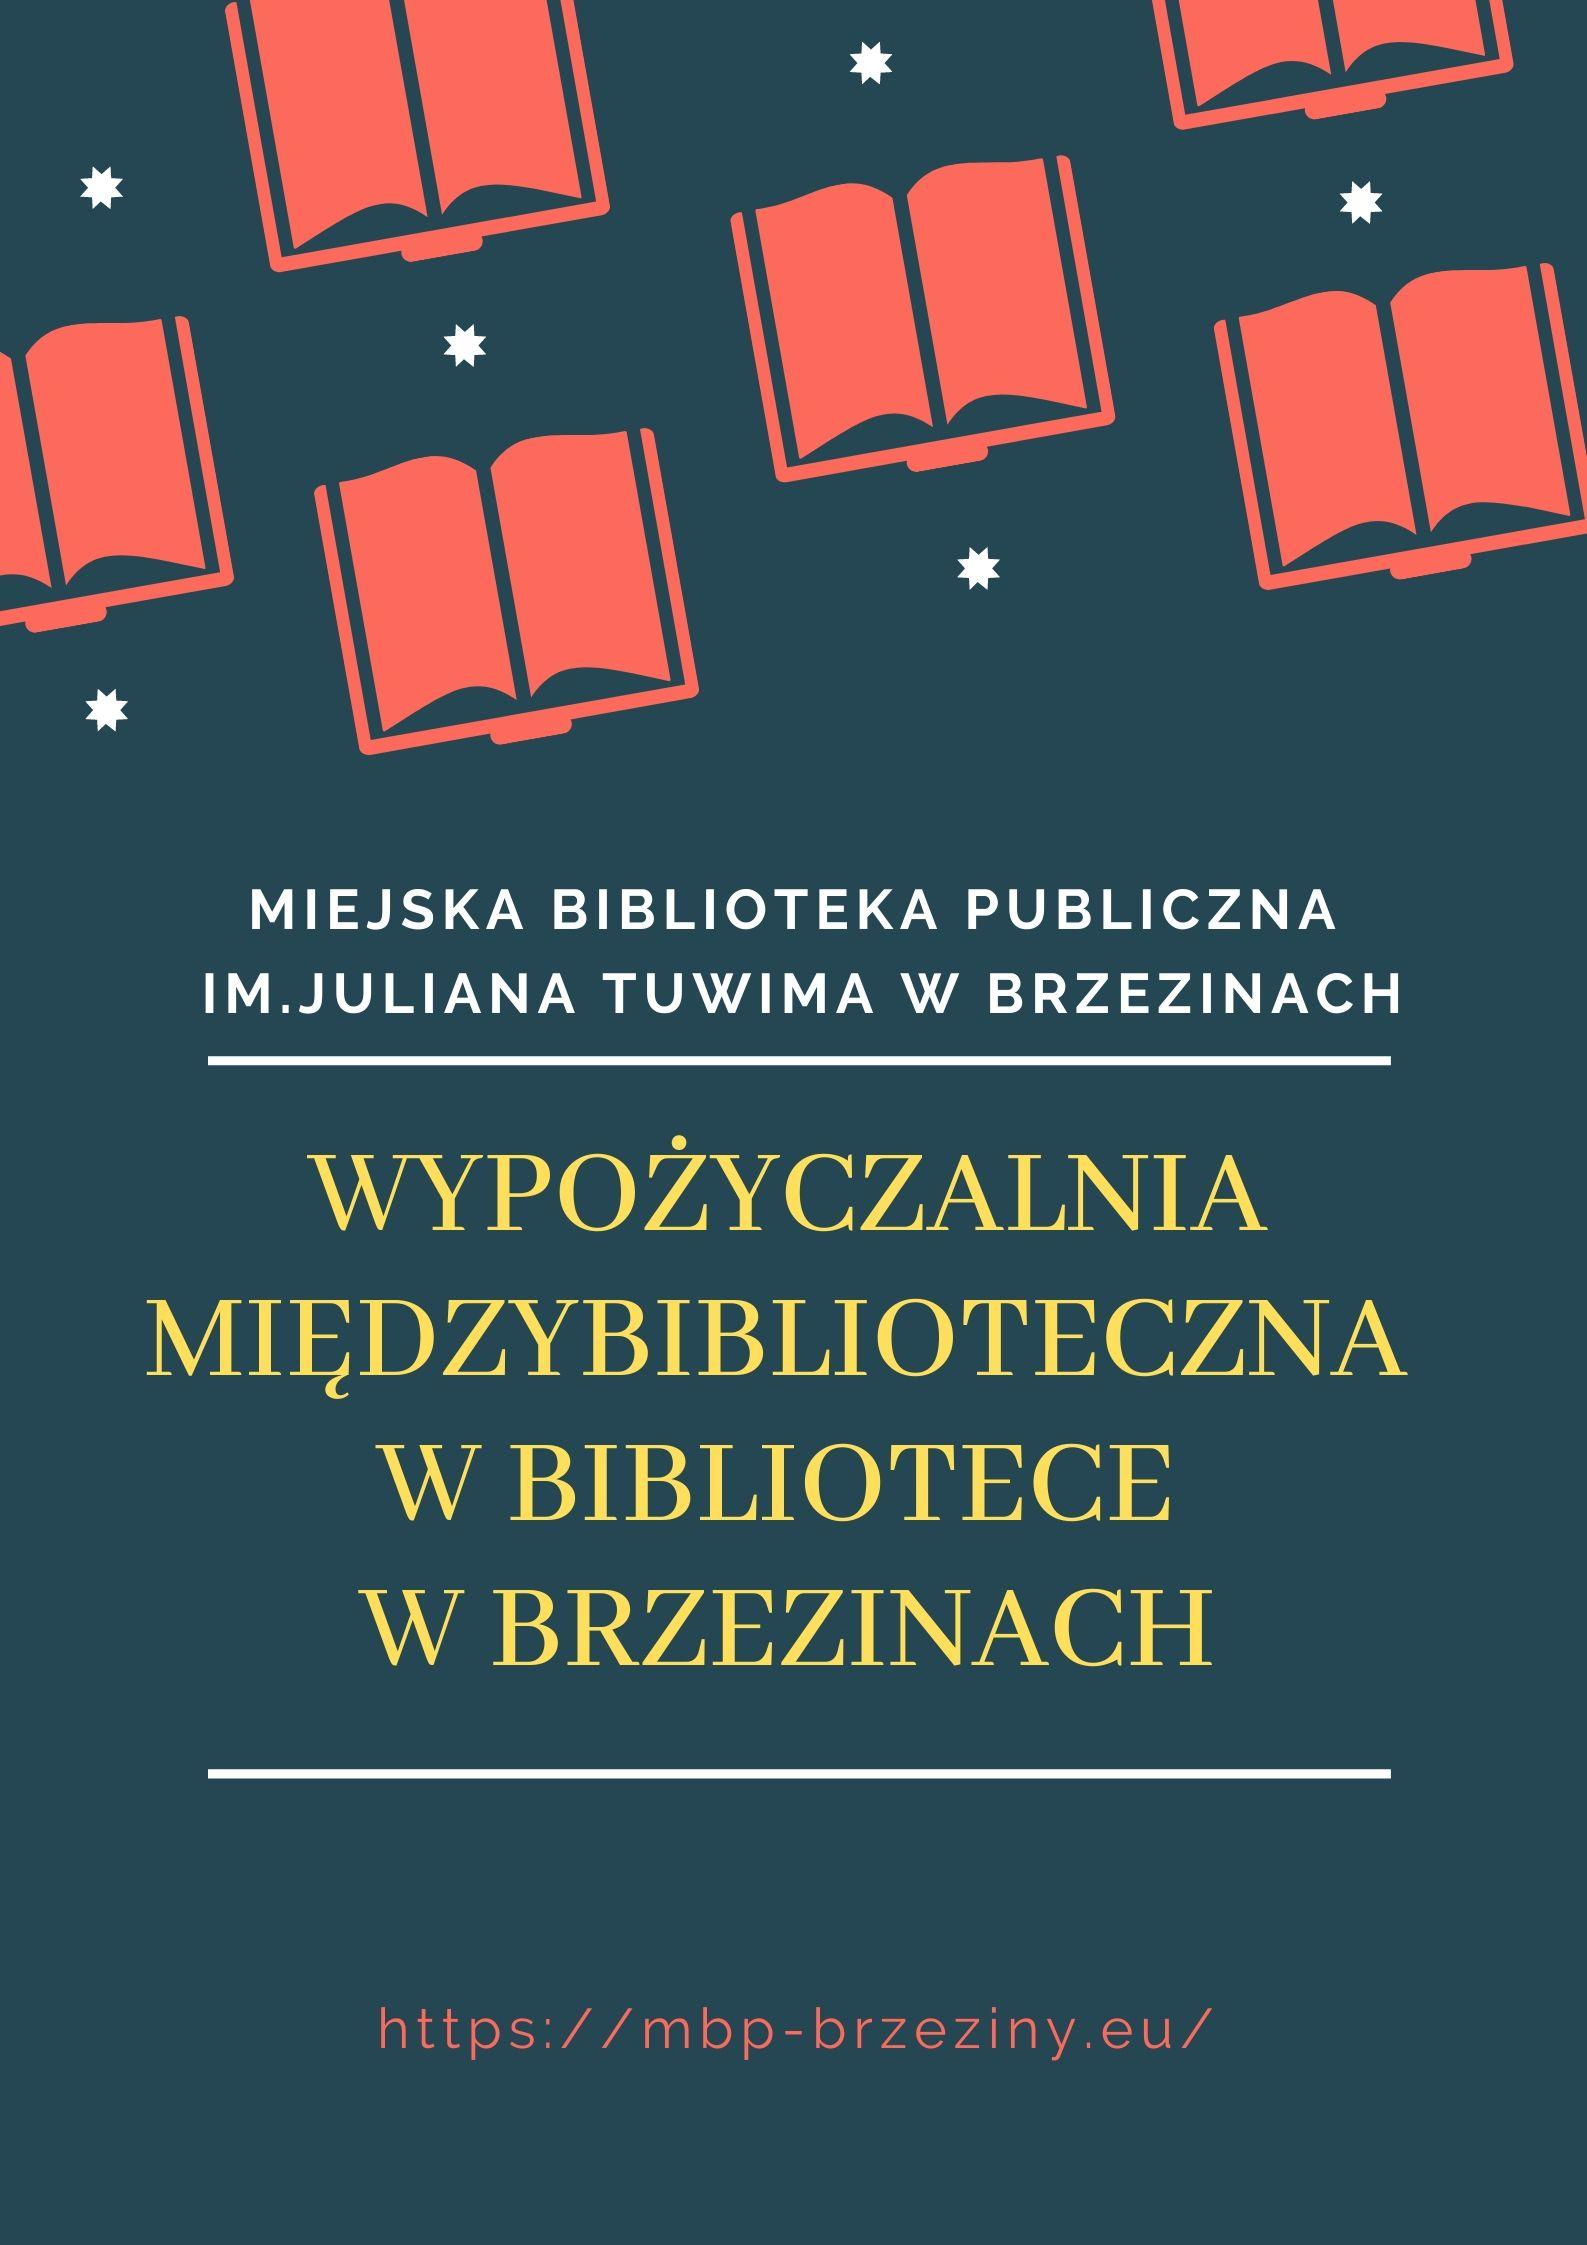 Wypożyczalnia Międzybiblioteczna w Bibliotece w Brzezinach